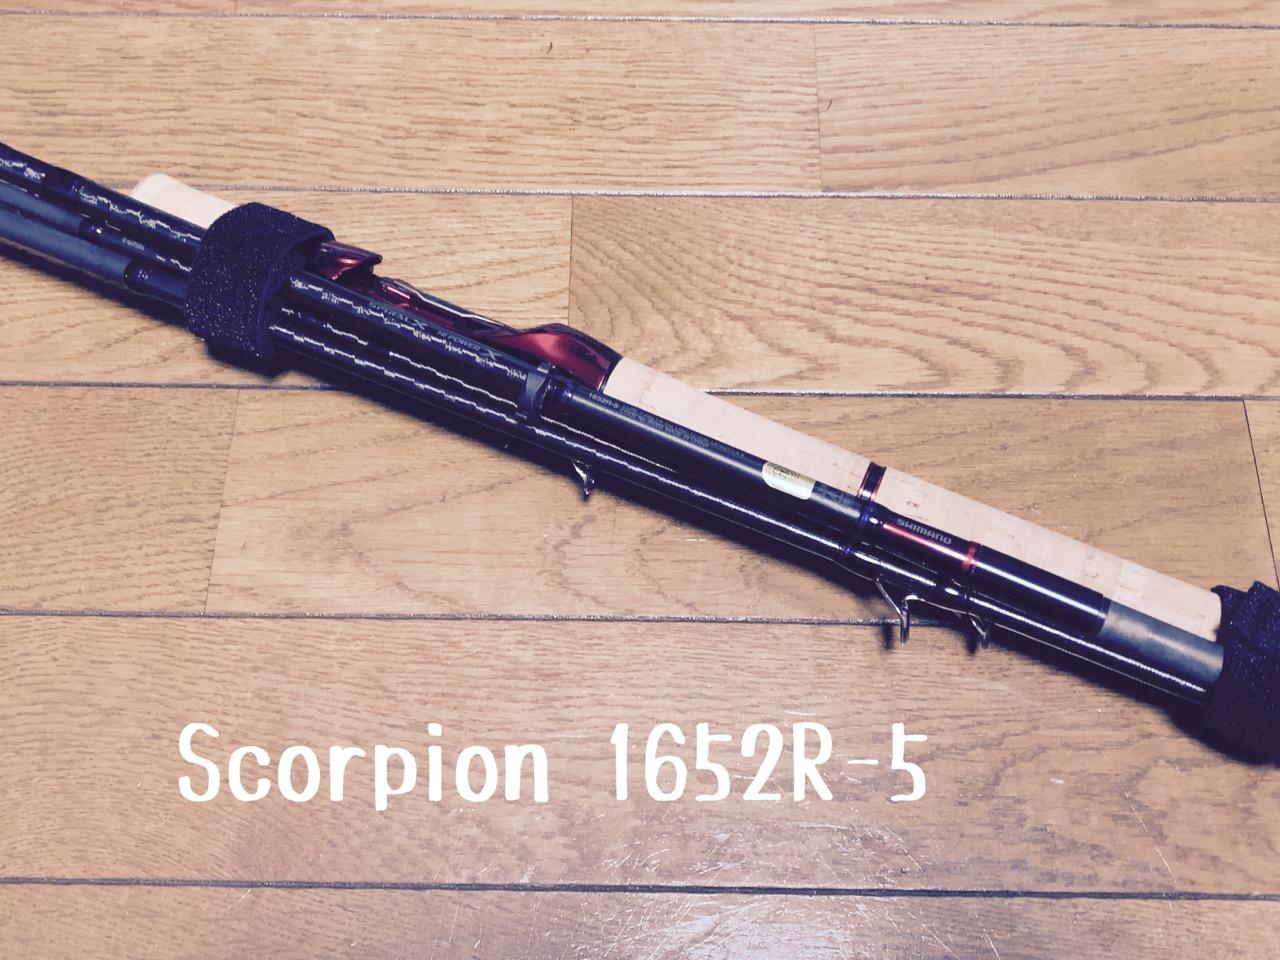 パックロッド探訪、シマノ スコーピオン1652R-5